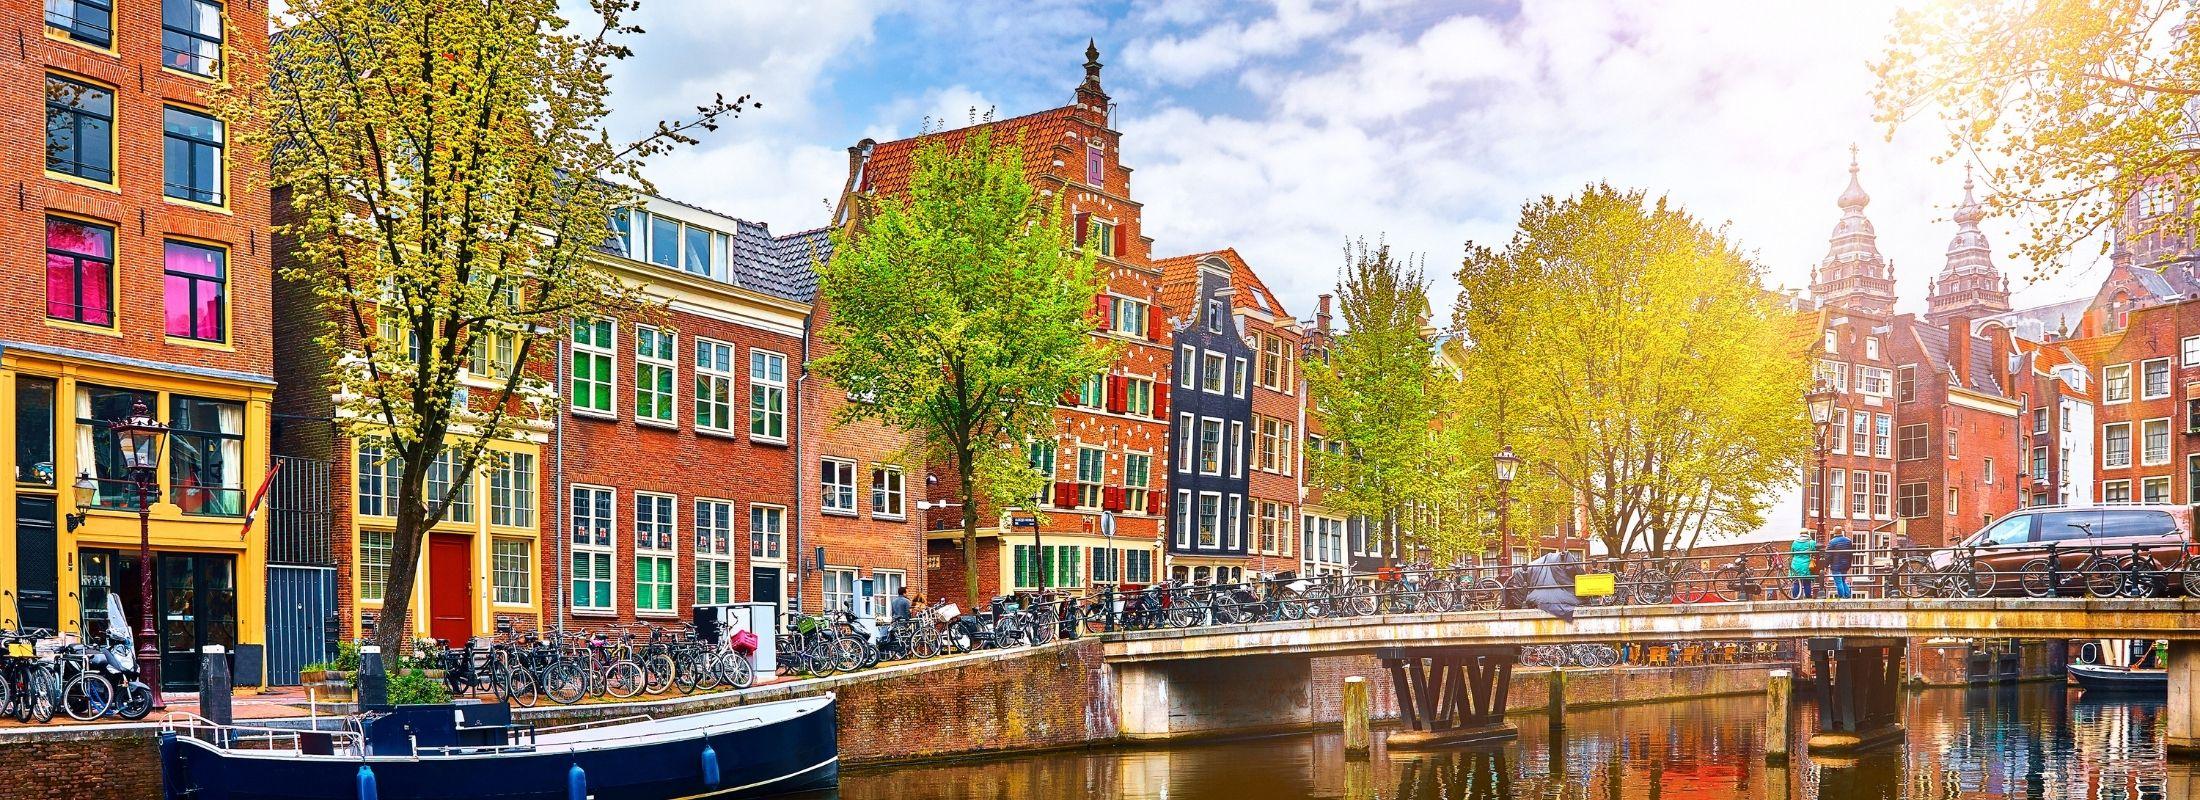 World Passenger Festival venue, Amsterdam